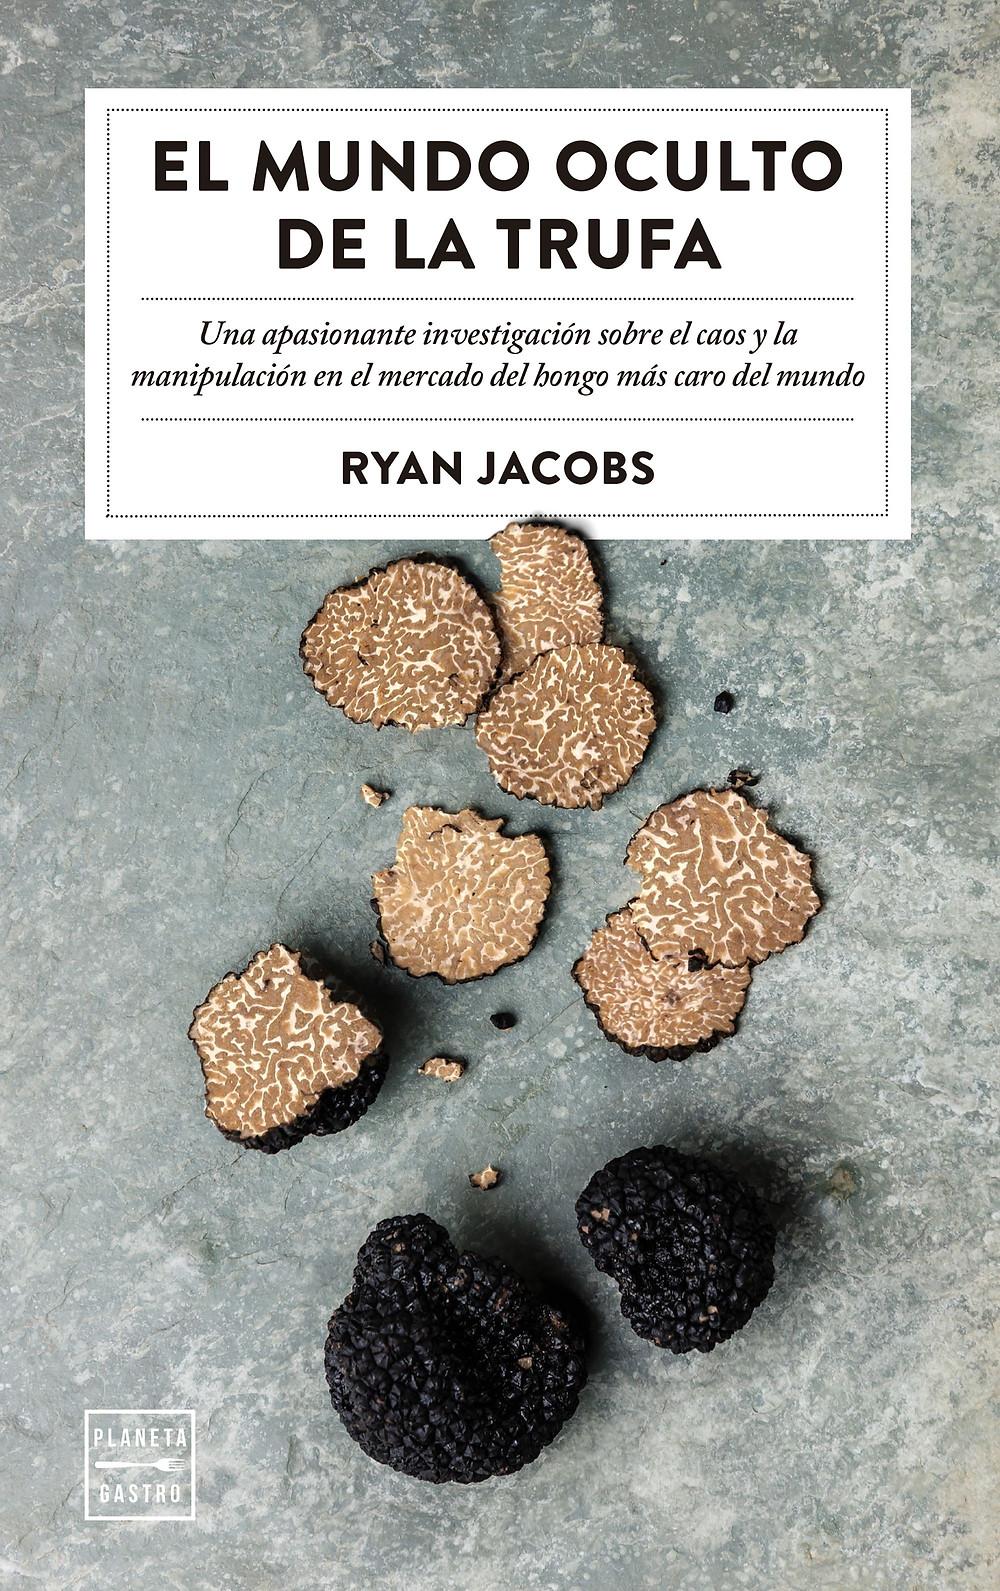 El mundo oculto de la trufa-Ryan Jacods-Planeta Gastro